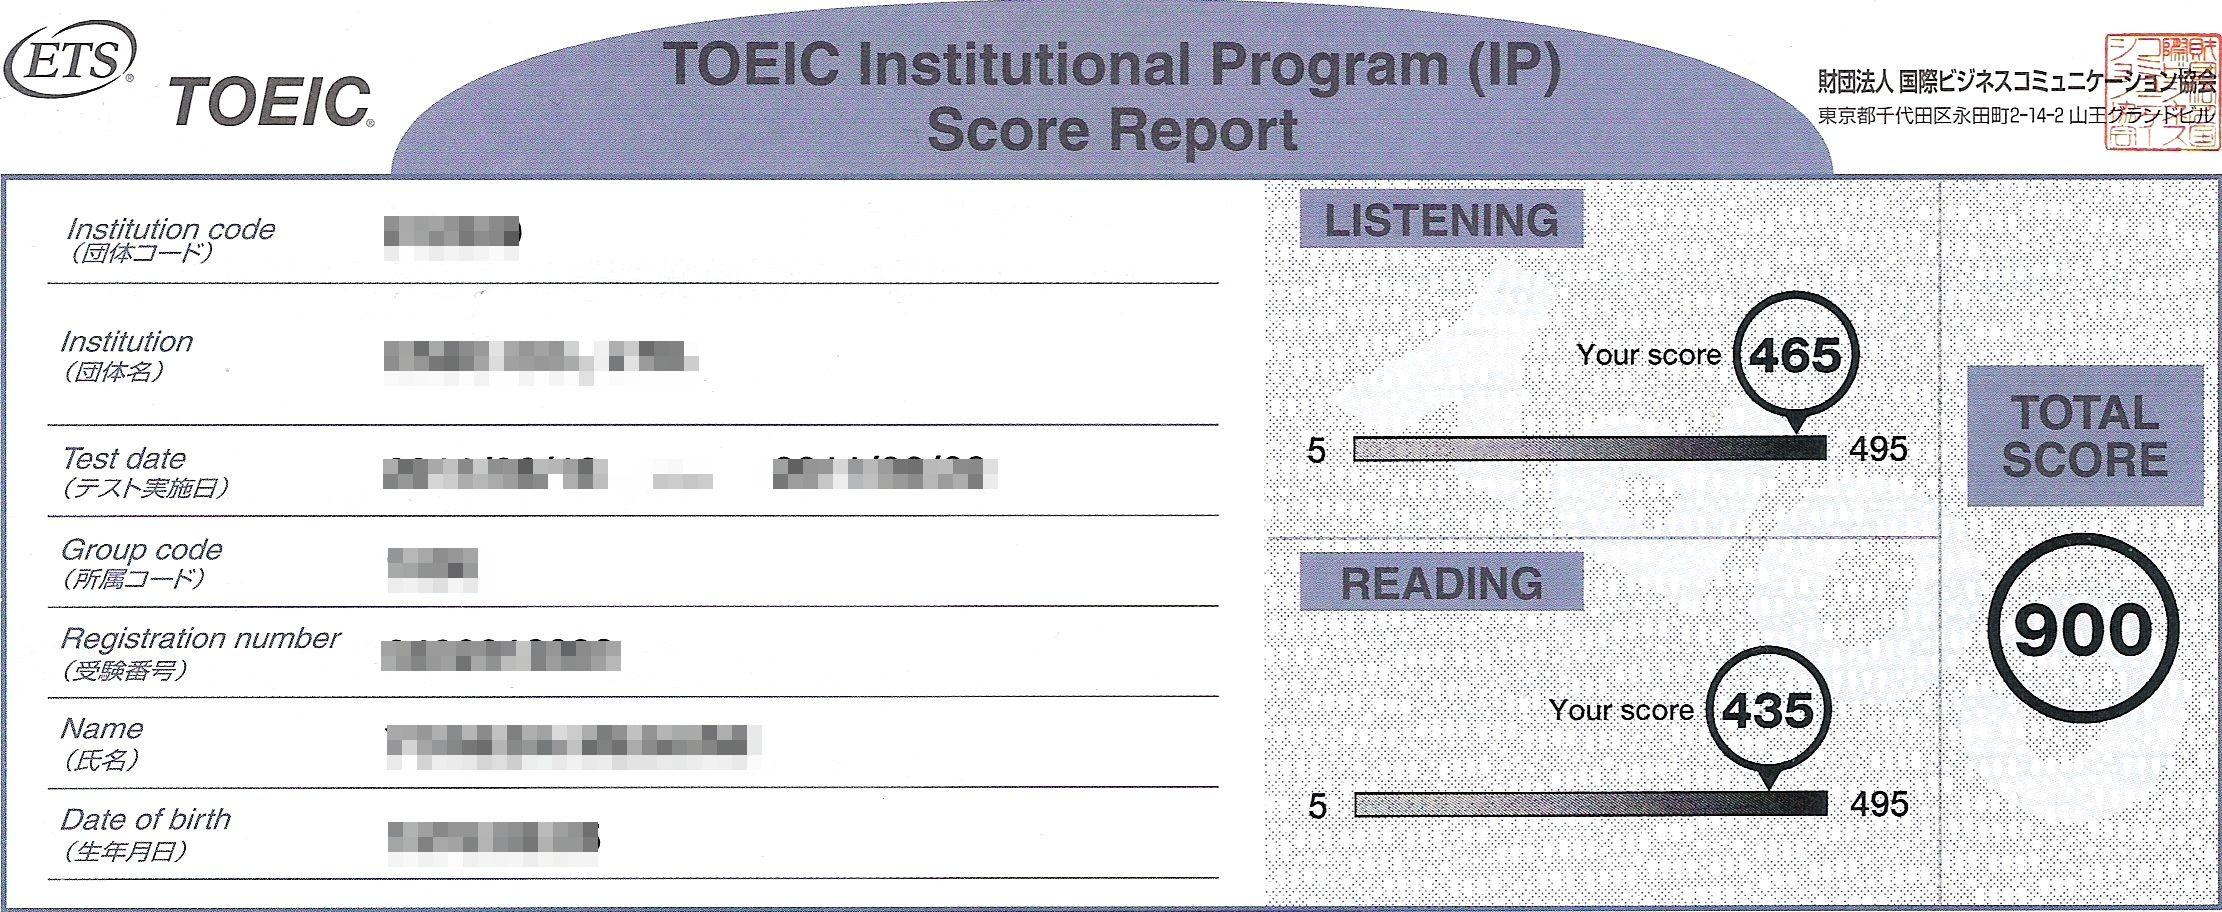 TOEIC IPテストの結果 - TOEIC高得點への道